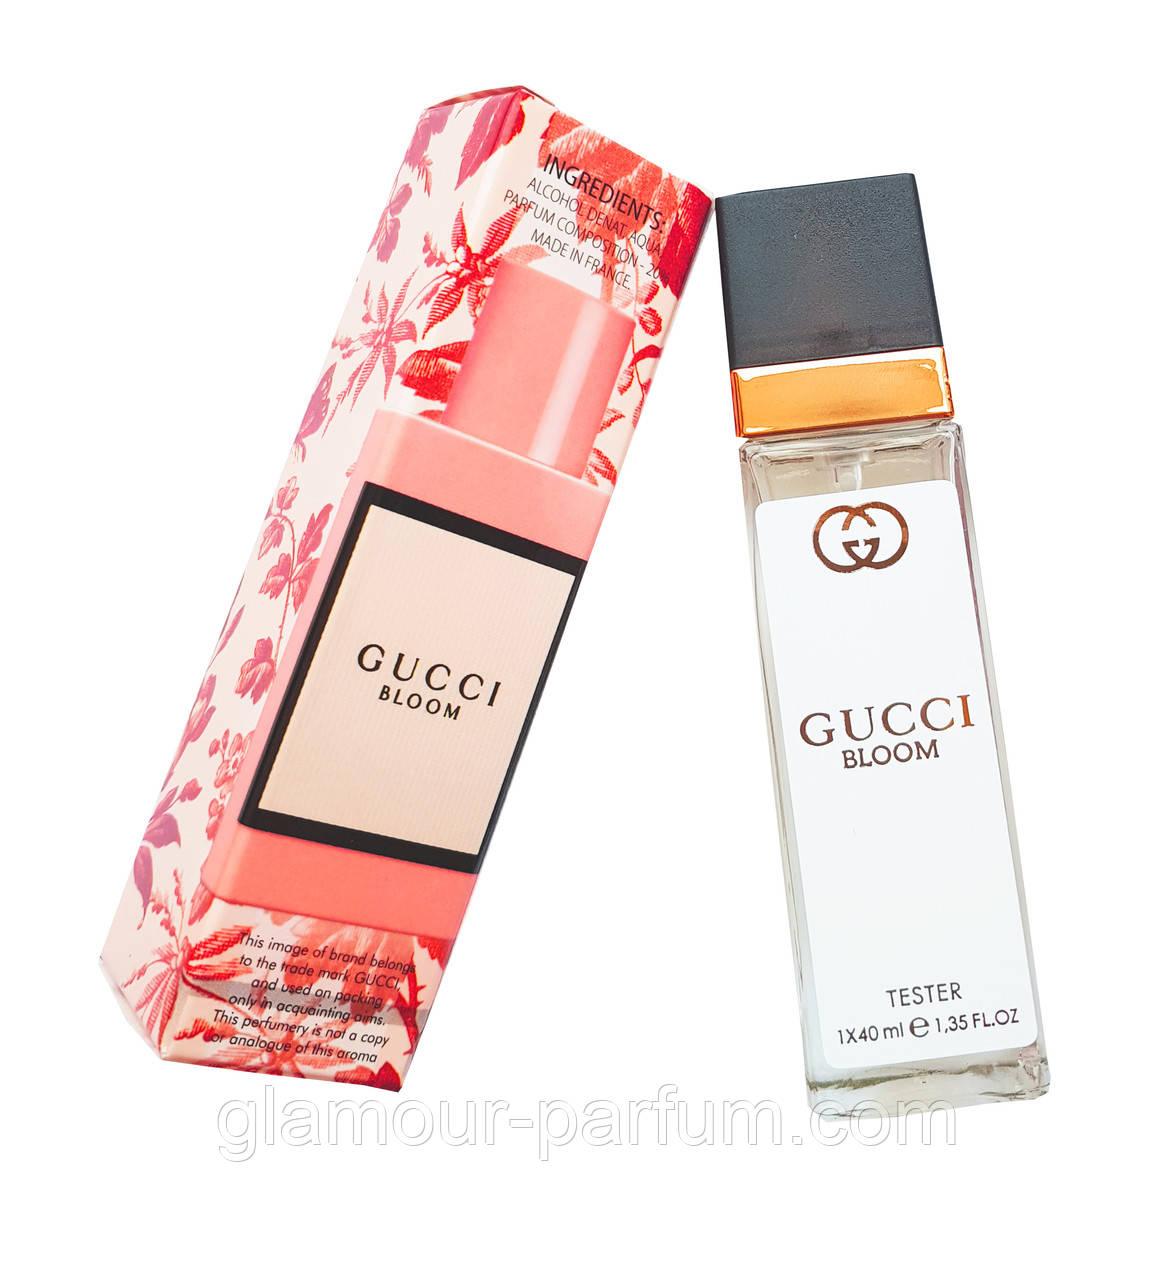 купить Gucci Bloom гучи блум 40мл реплика опт по низкой цене в